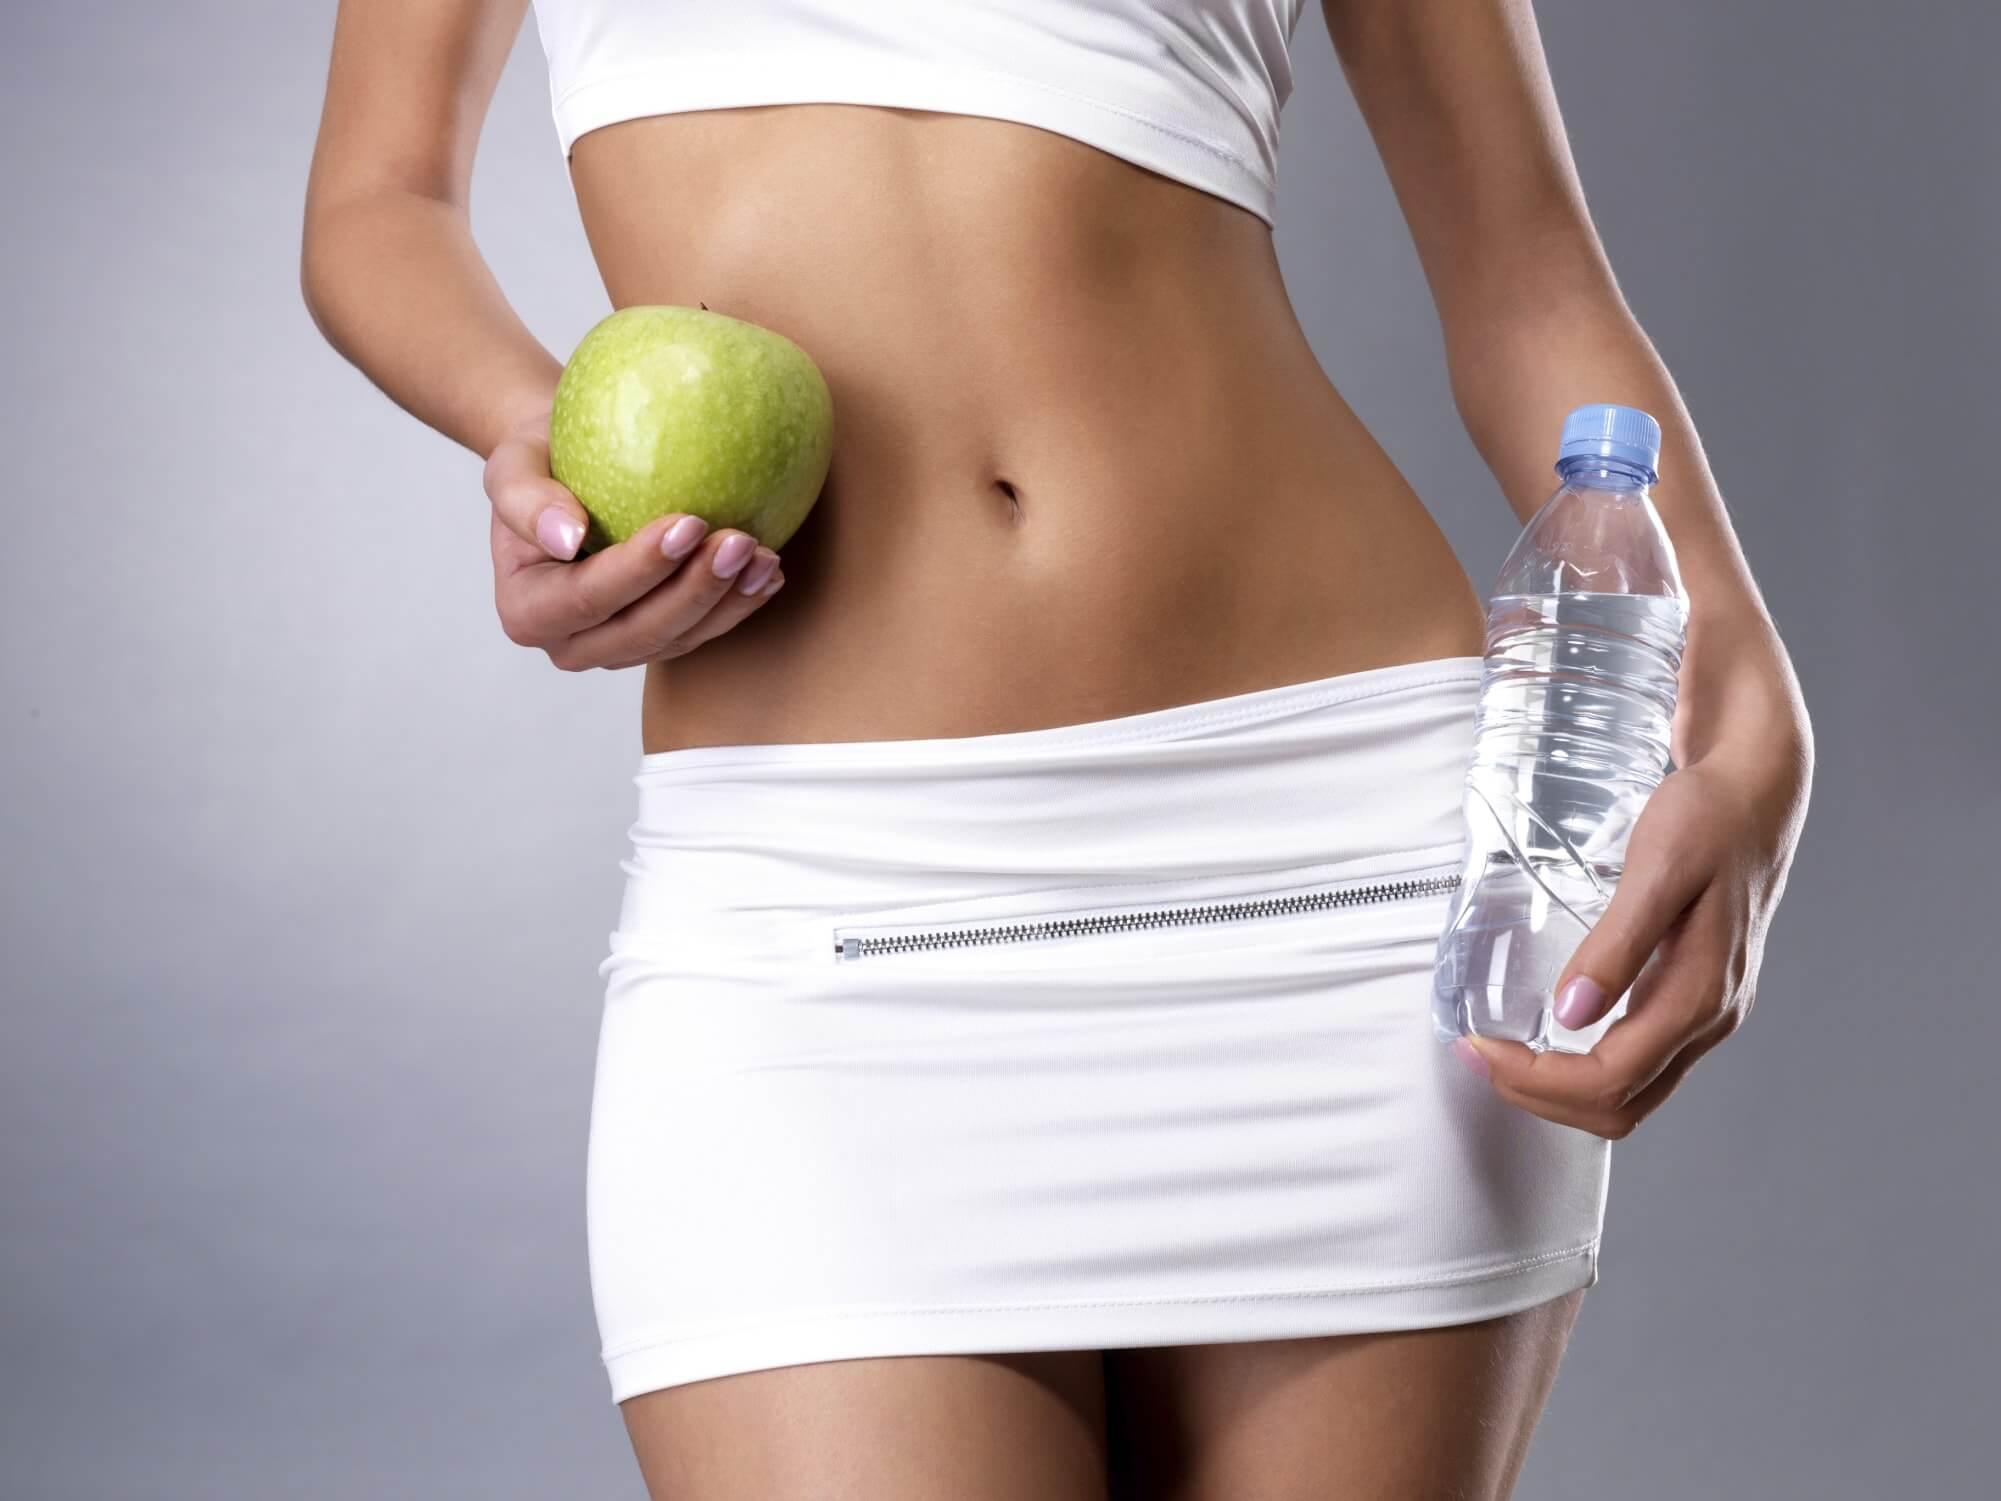 Вакуум упражнение для живота вред и польза